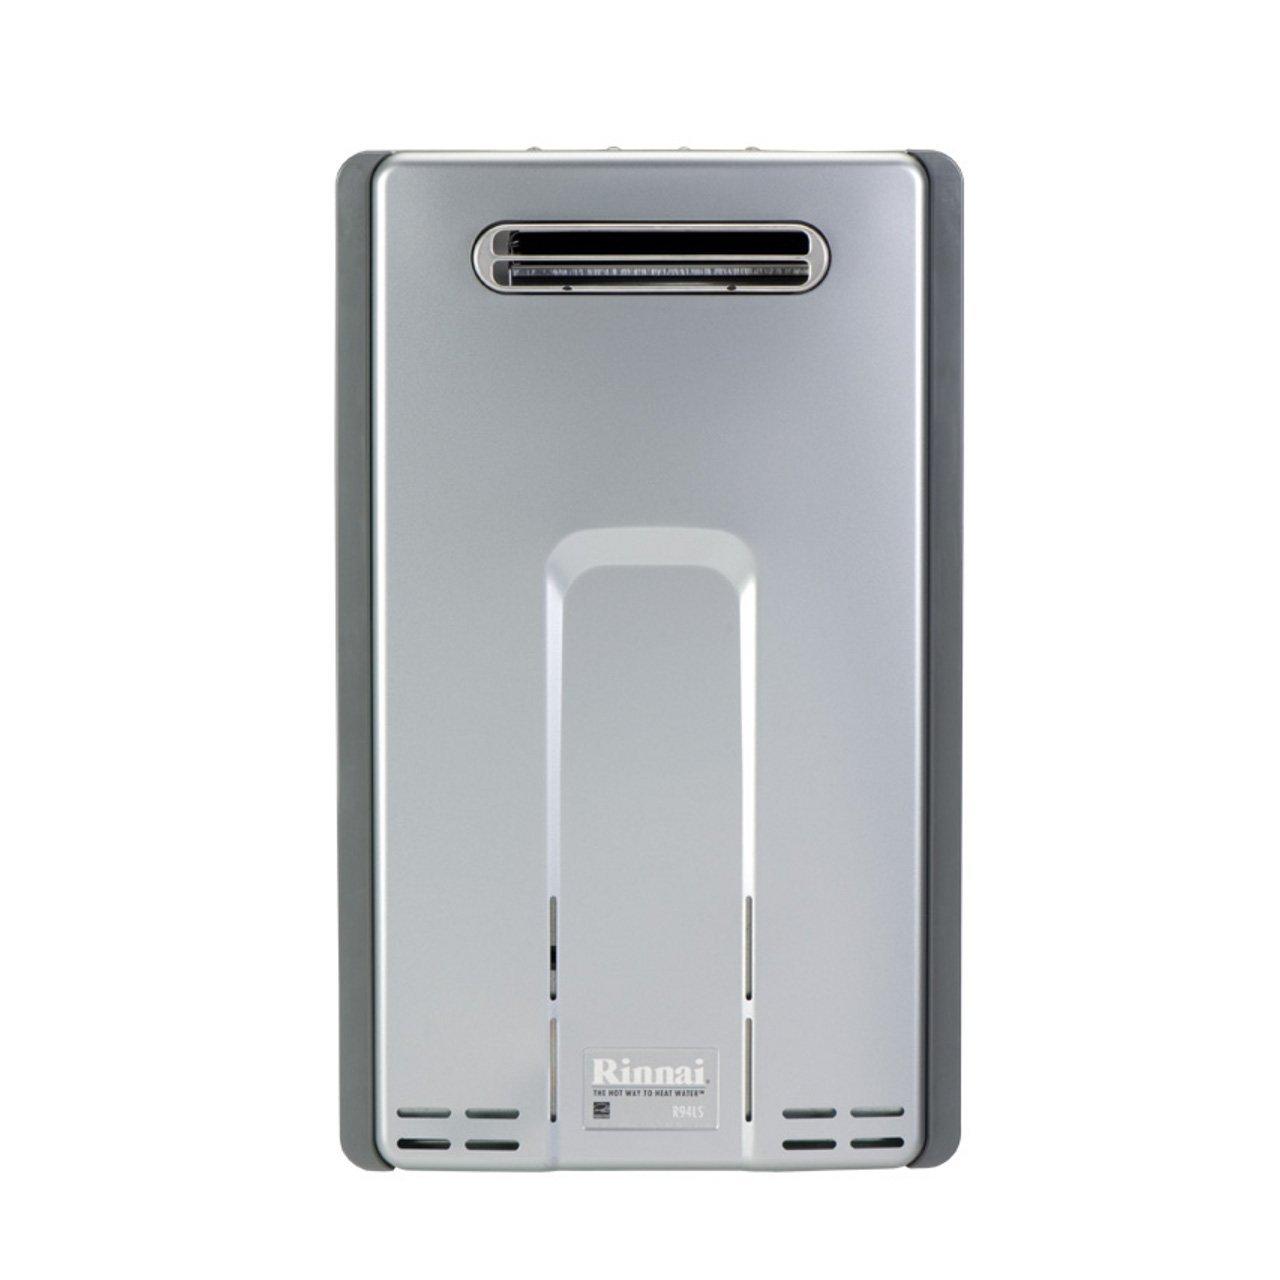 Rinnai RL94eN Gas Tankless Water Heater